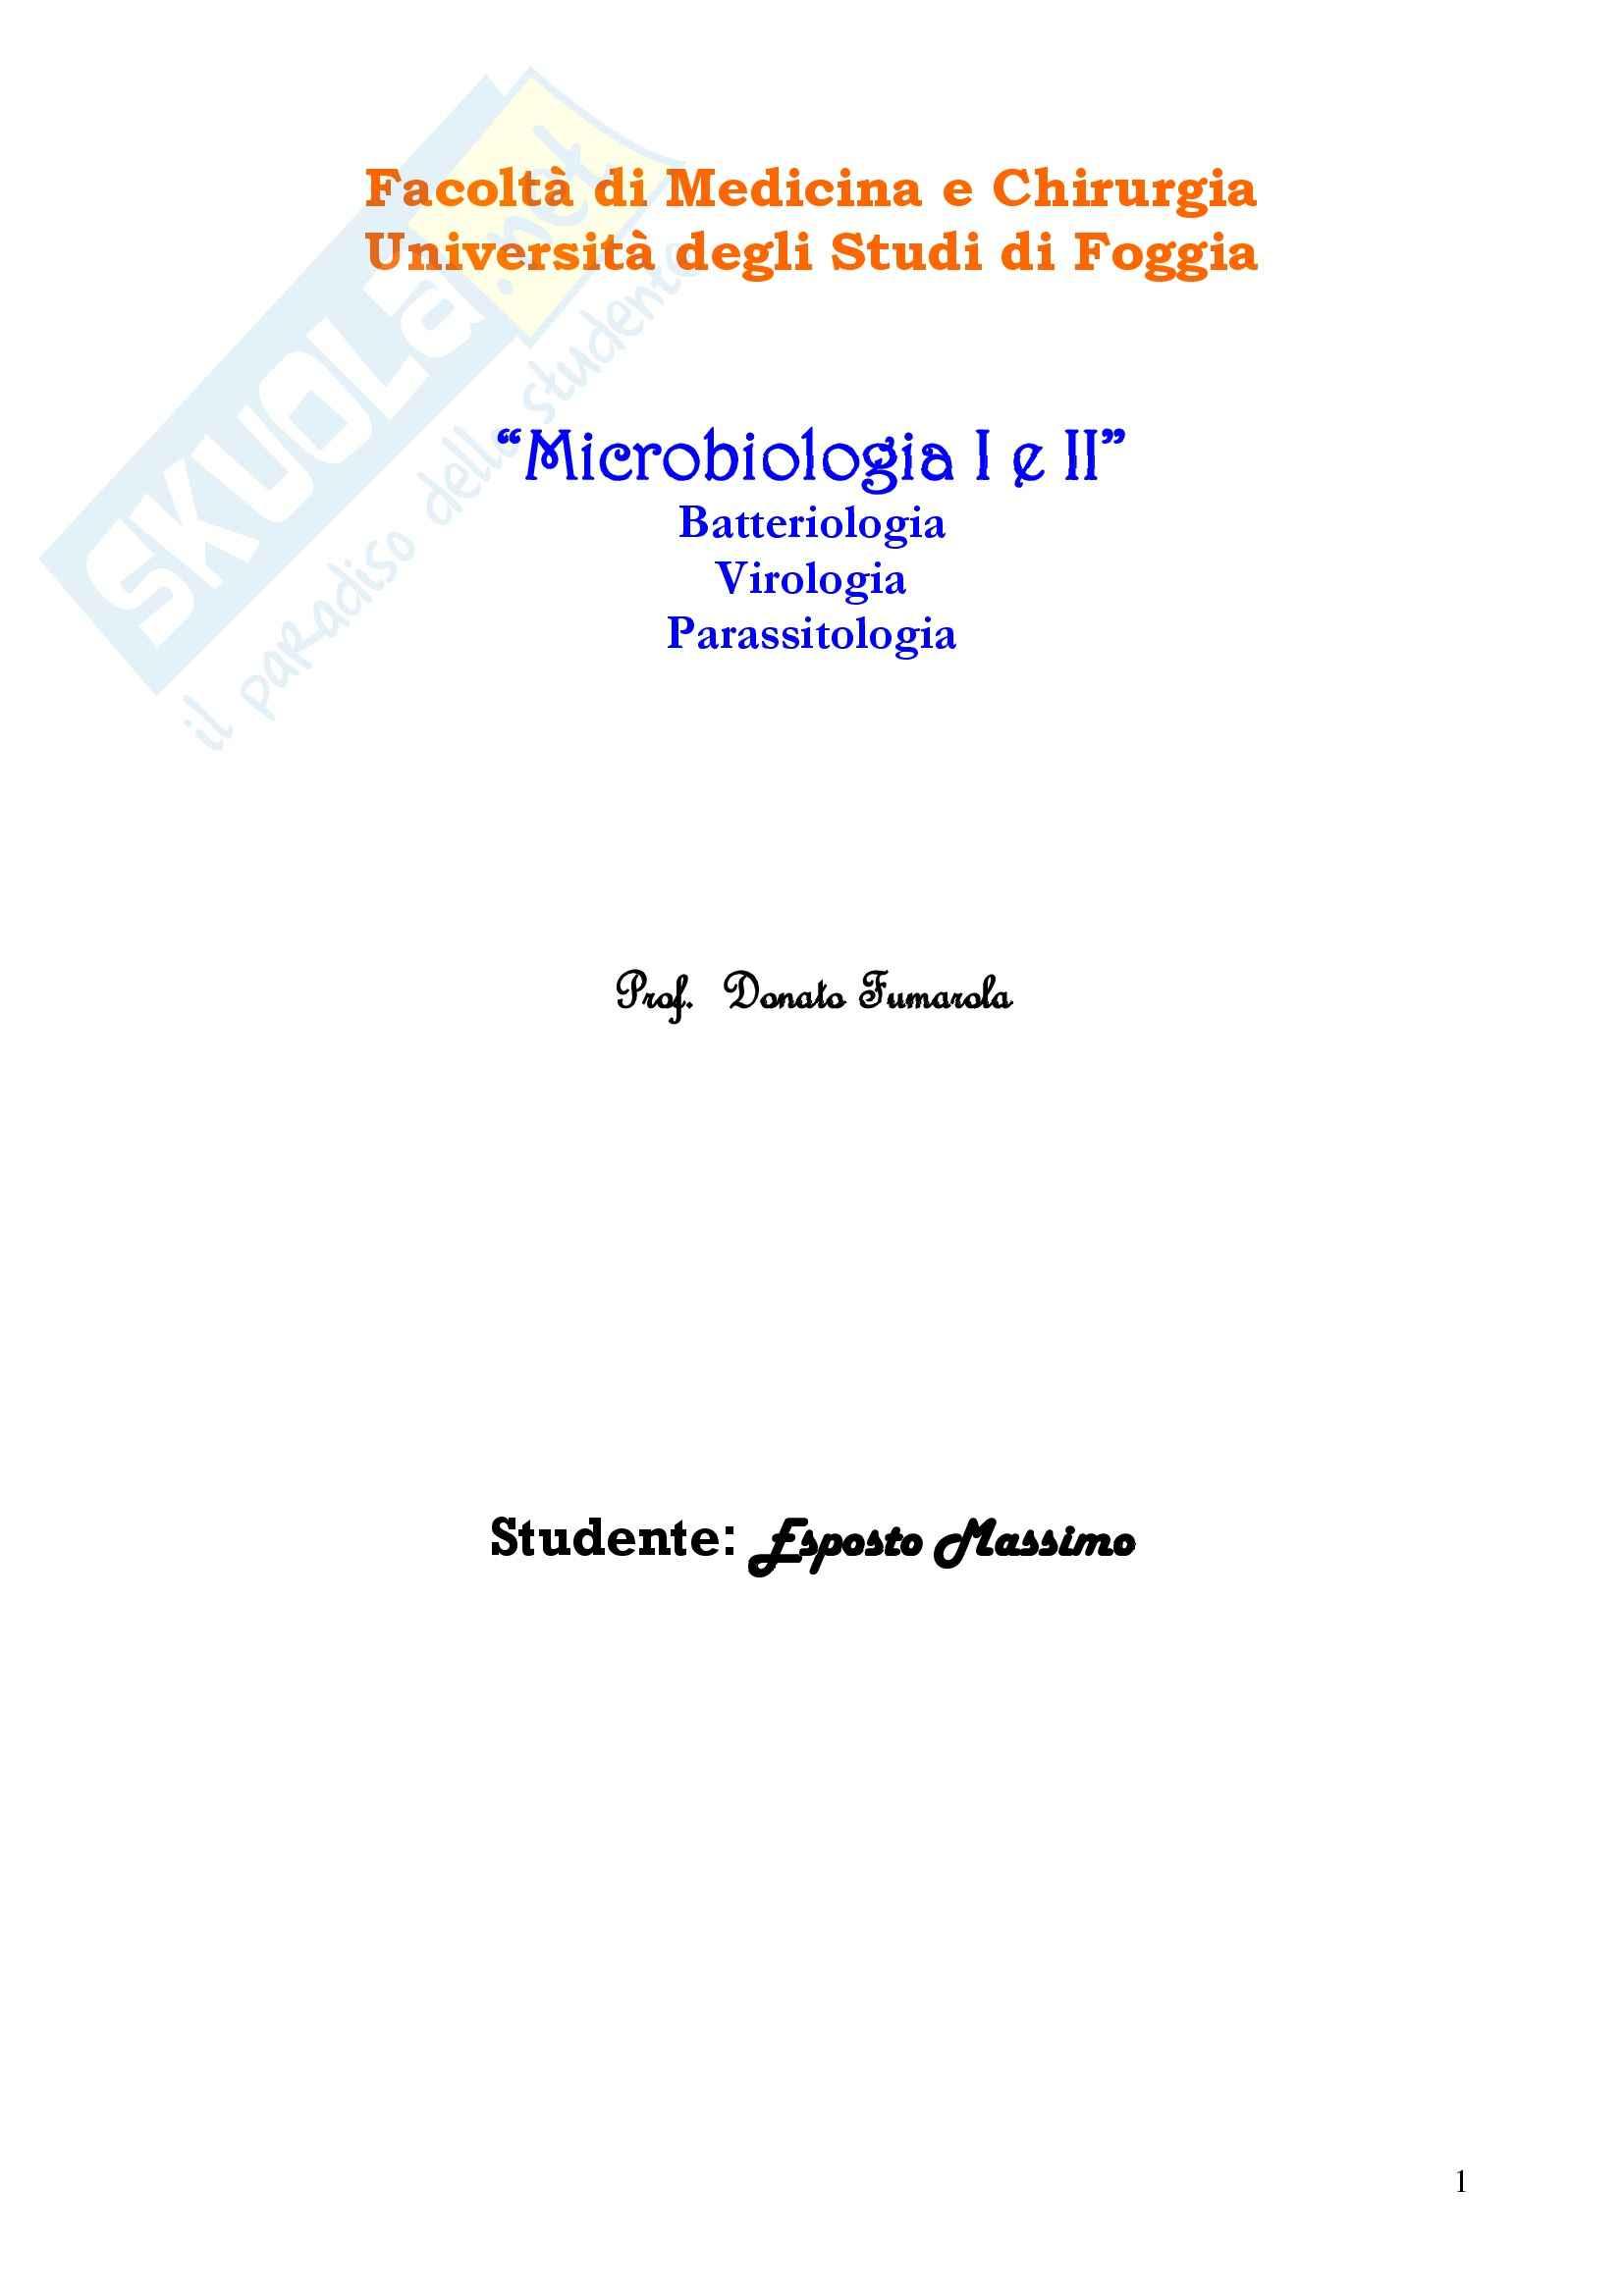 Microbiologia I e II - Corso completo